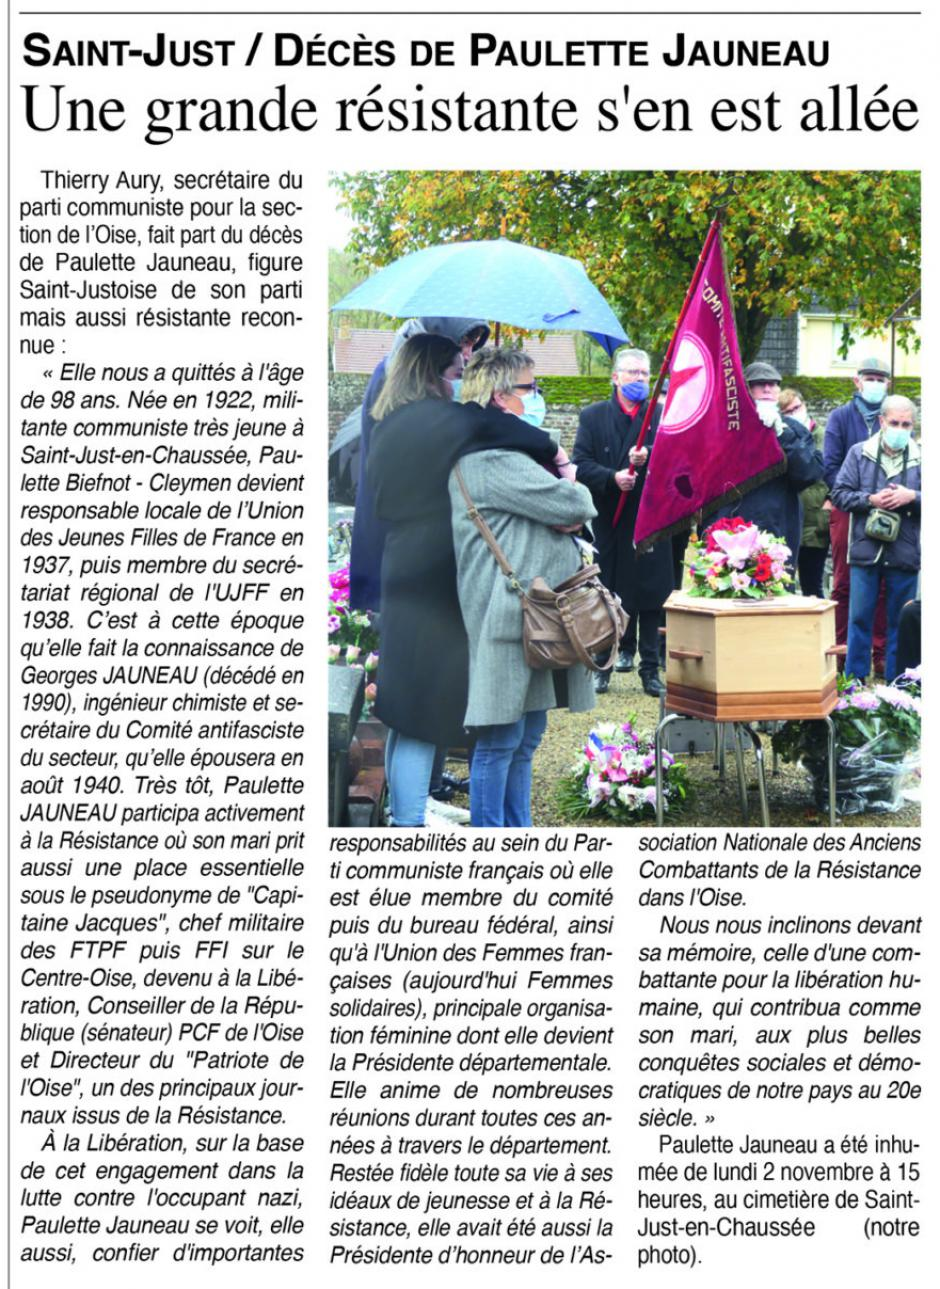 20201104-OH-Oise-Décès de Paulette Jauneau : une grande résistante s'en est allée